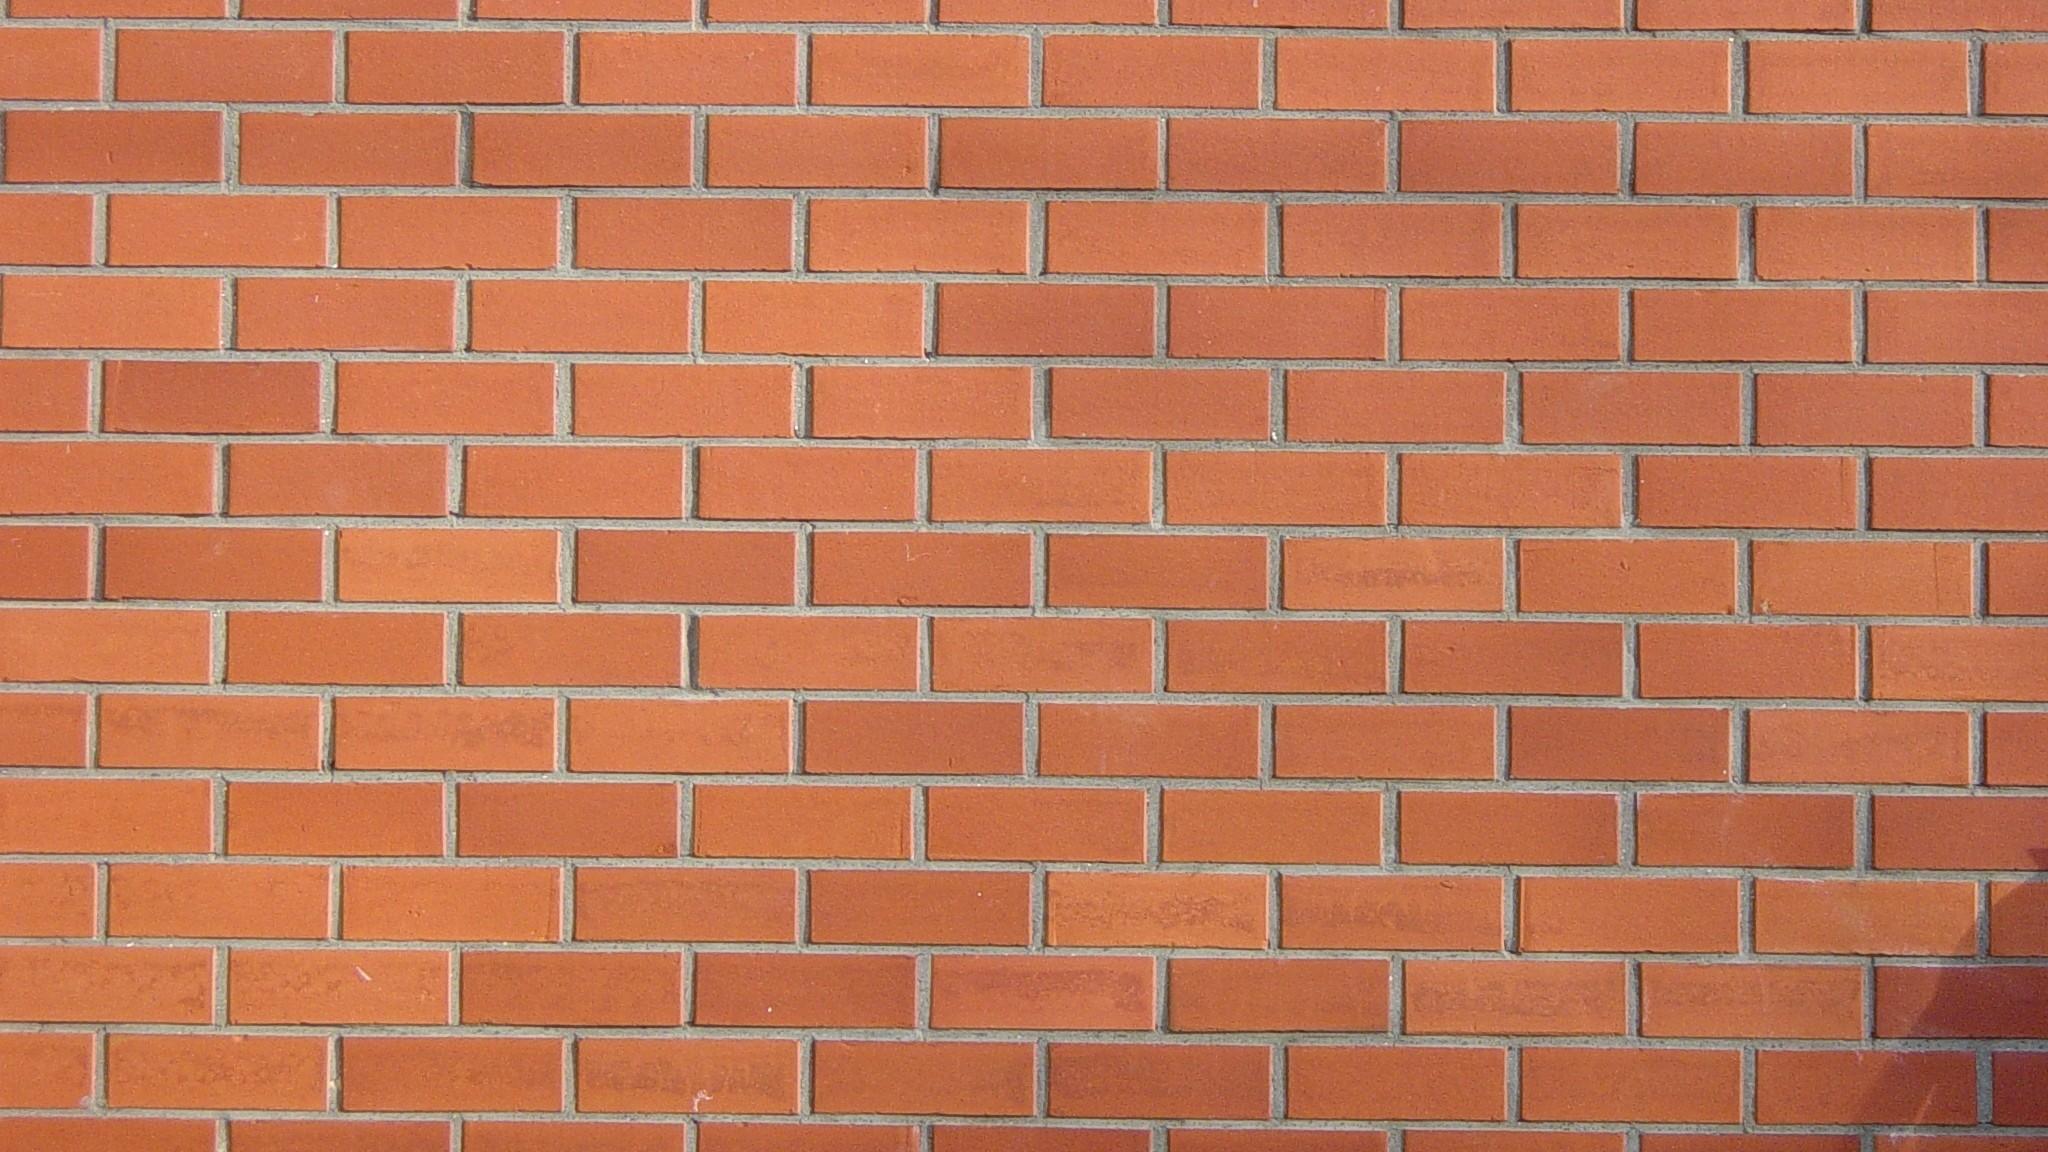 Wallpaper texture, brick, wall, light